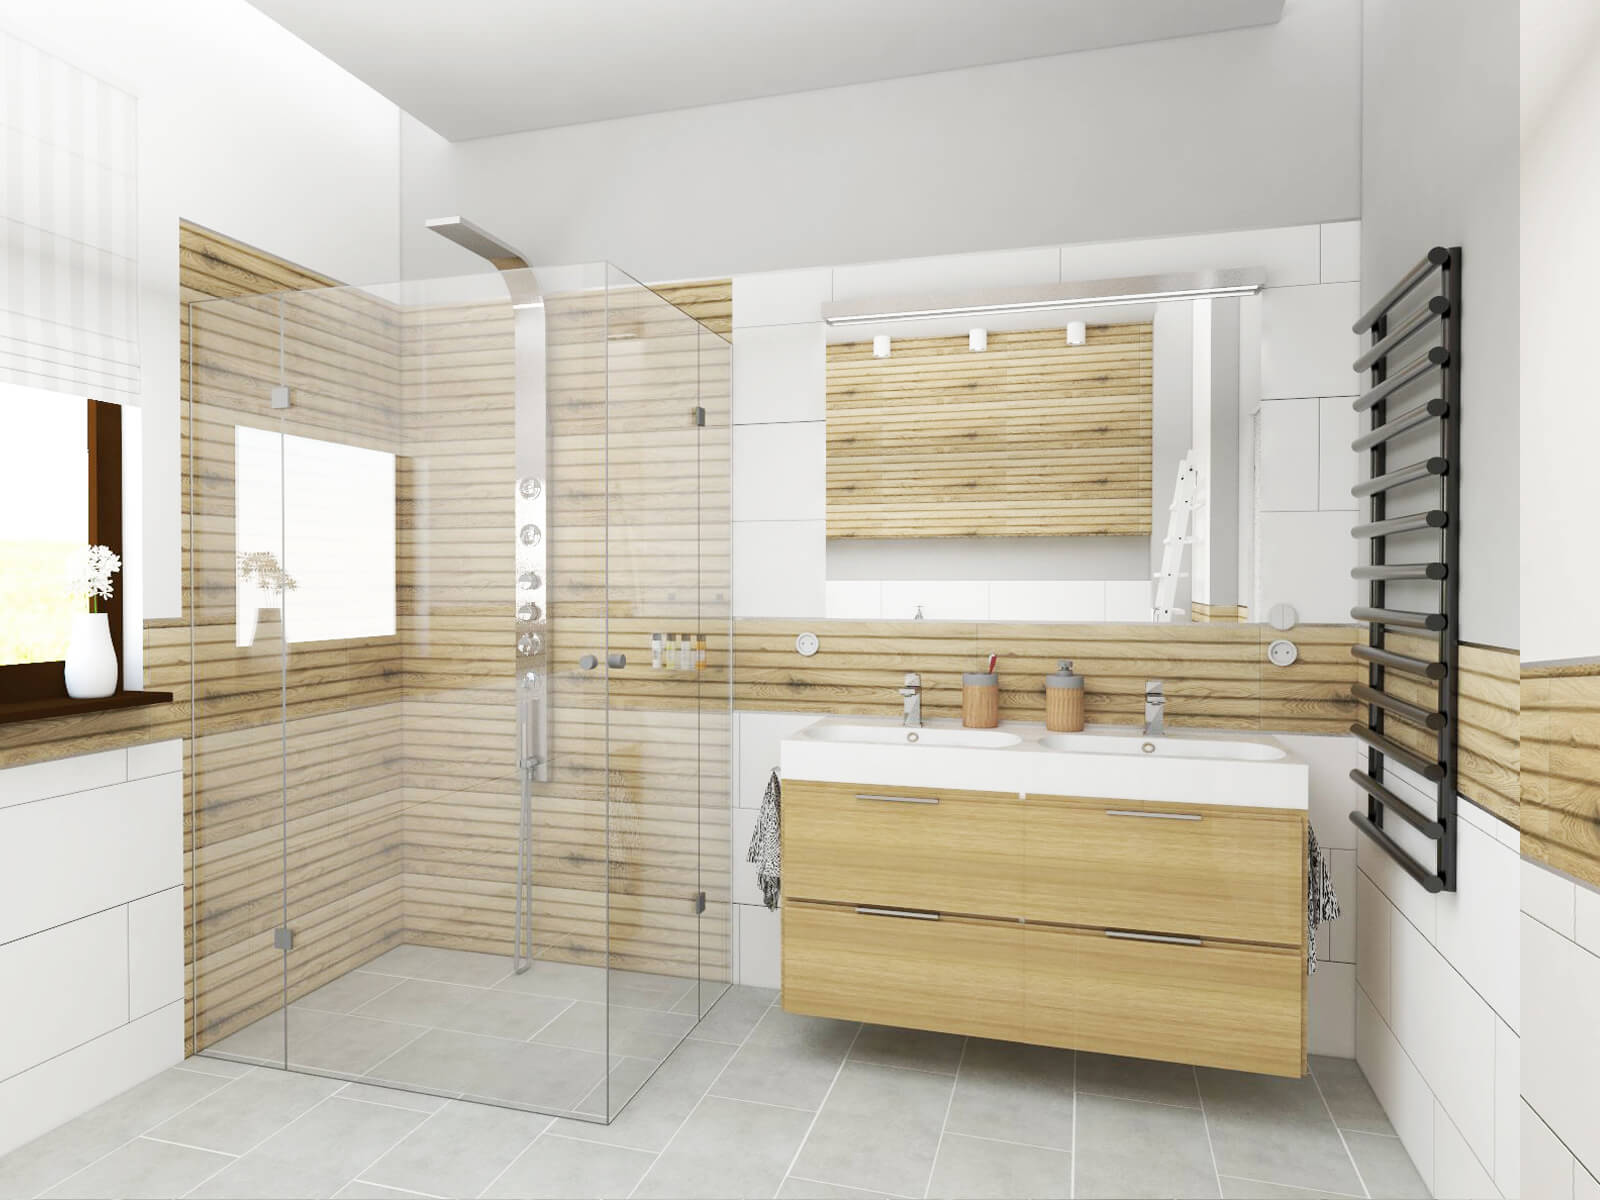 Nowoczesna łazienka W Kolorze Bieli Czerni I Drewna Blog